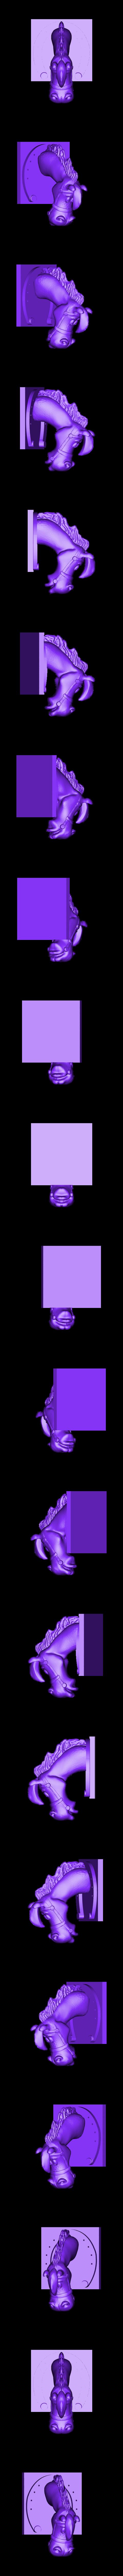 JJumper.stl Télécharger fichier OBJ gratuit Cheval de Lucky Luke : Joly Jumper • Modèle pour impression 3D, MisterDiD